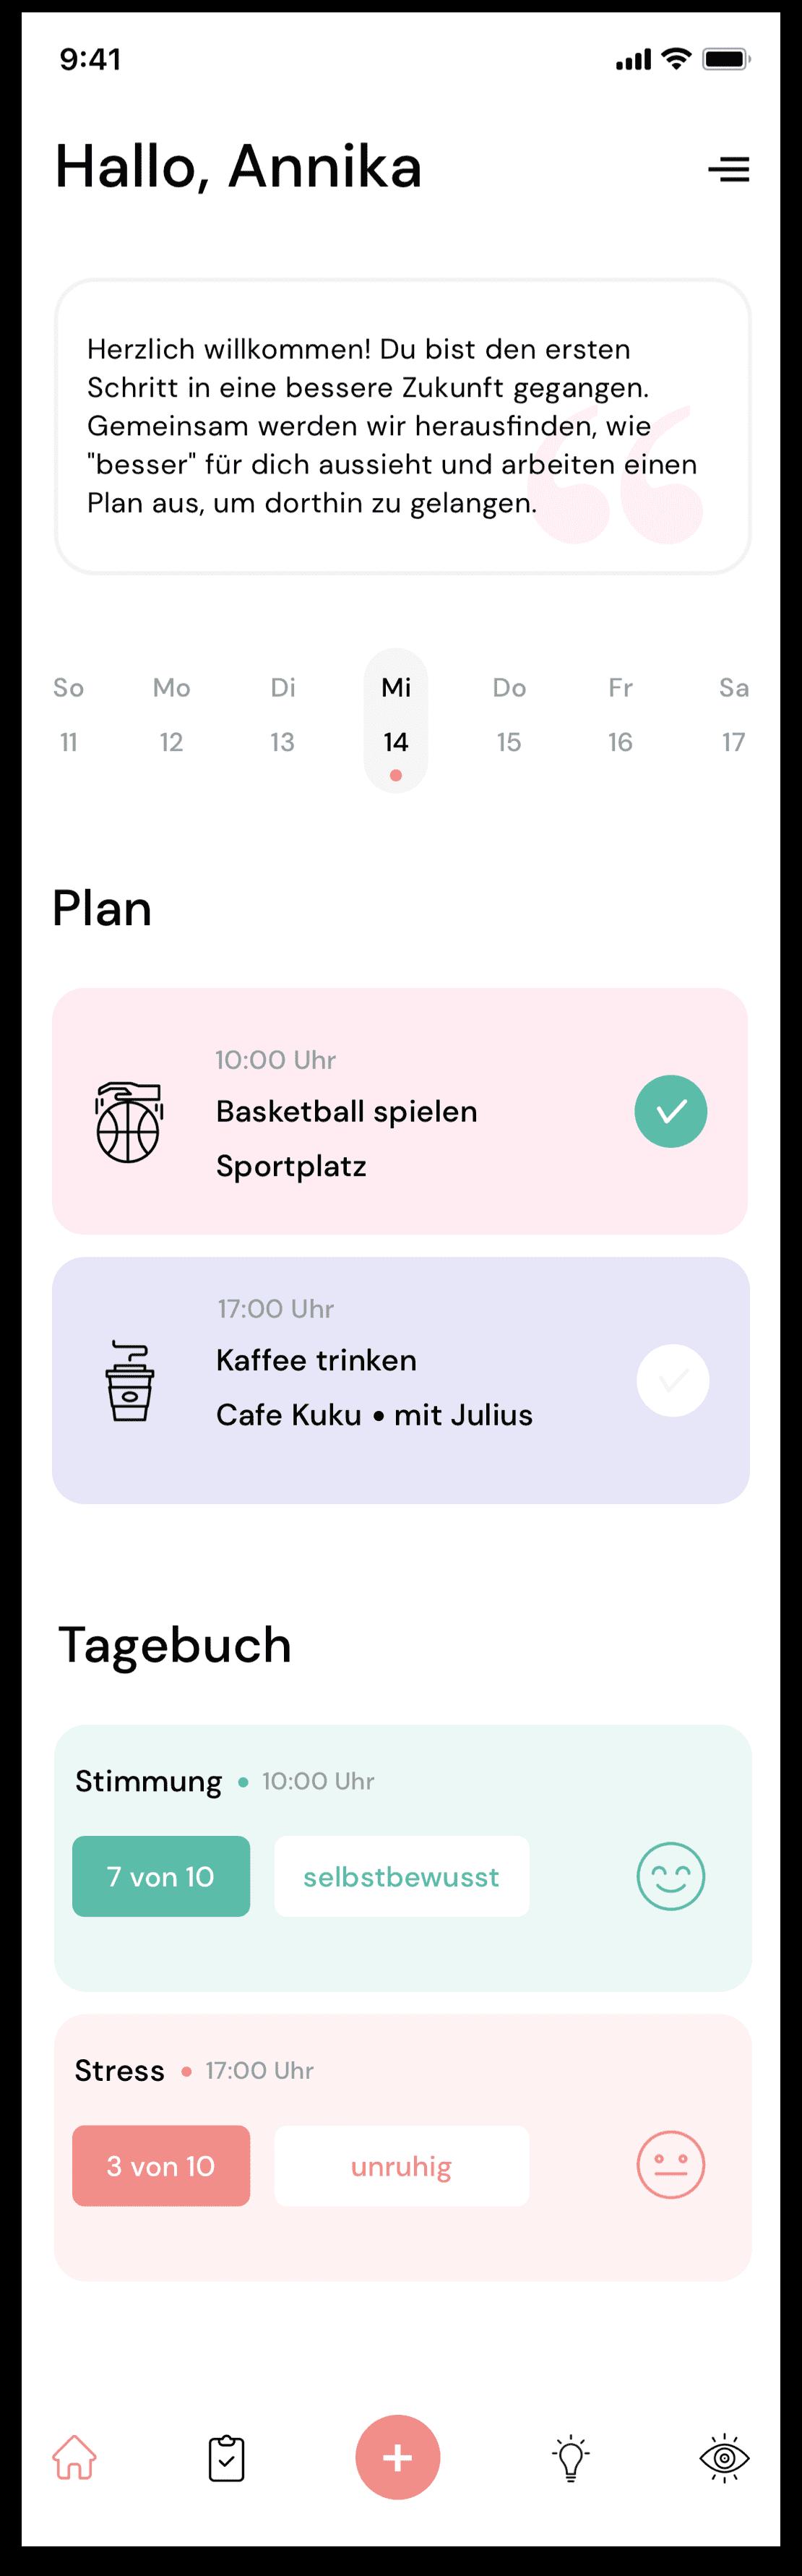 UI - Case Max-Planck-Institut